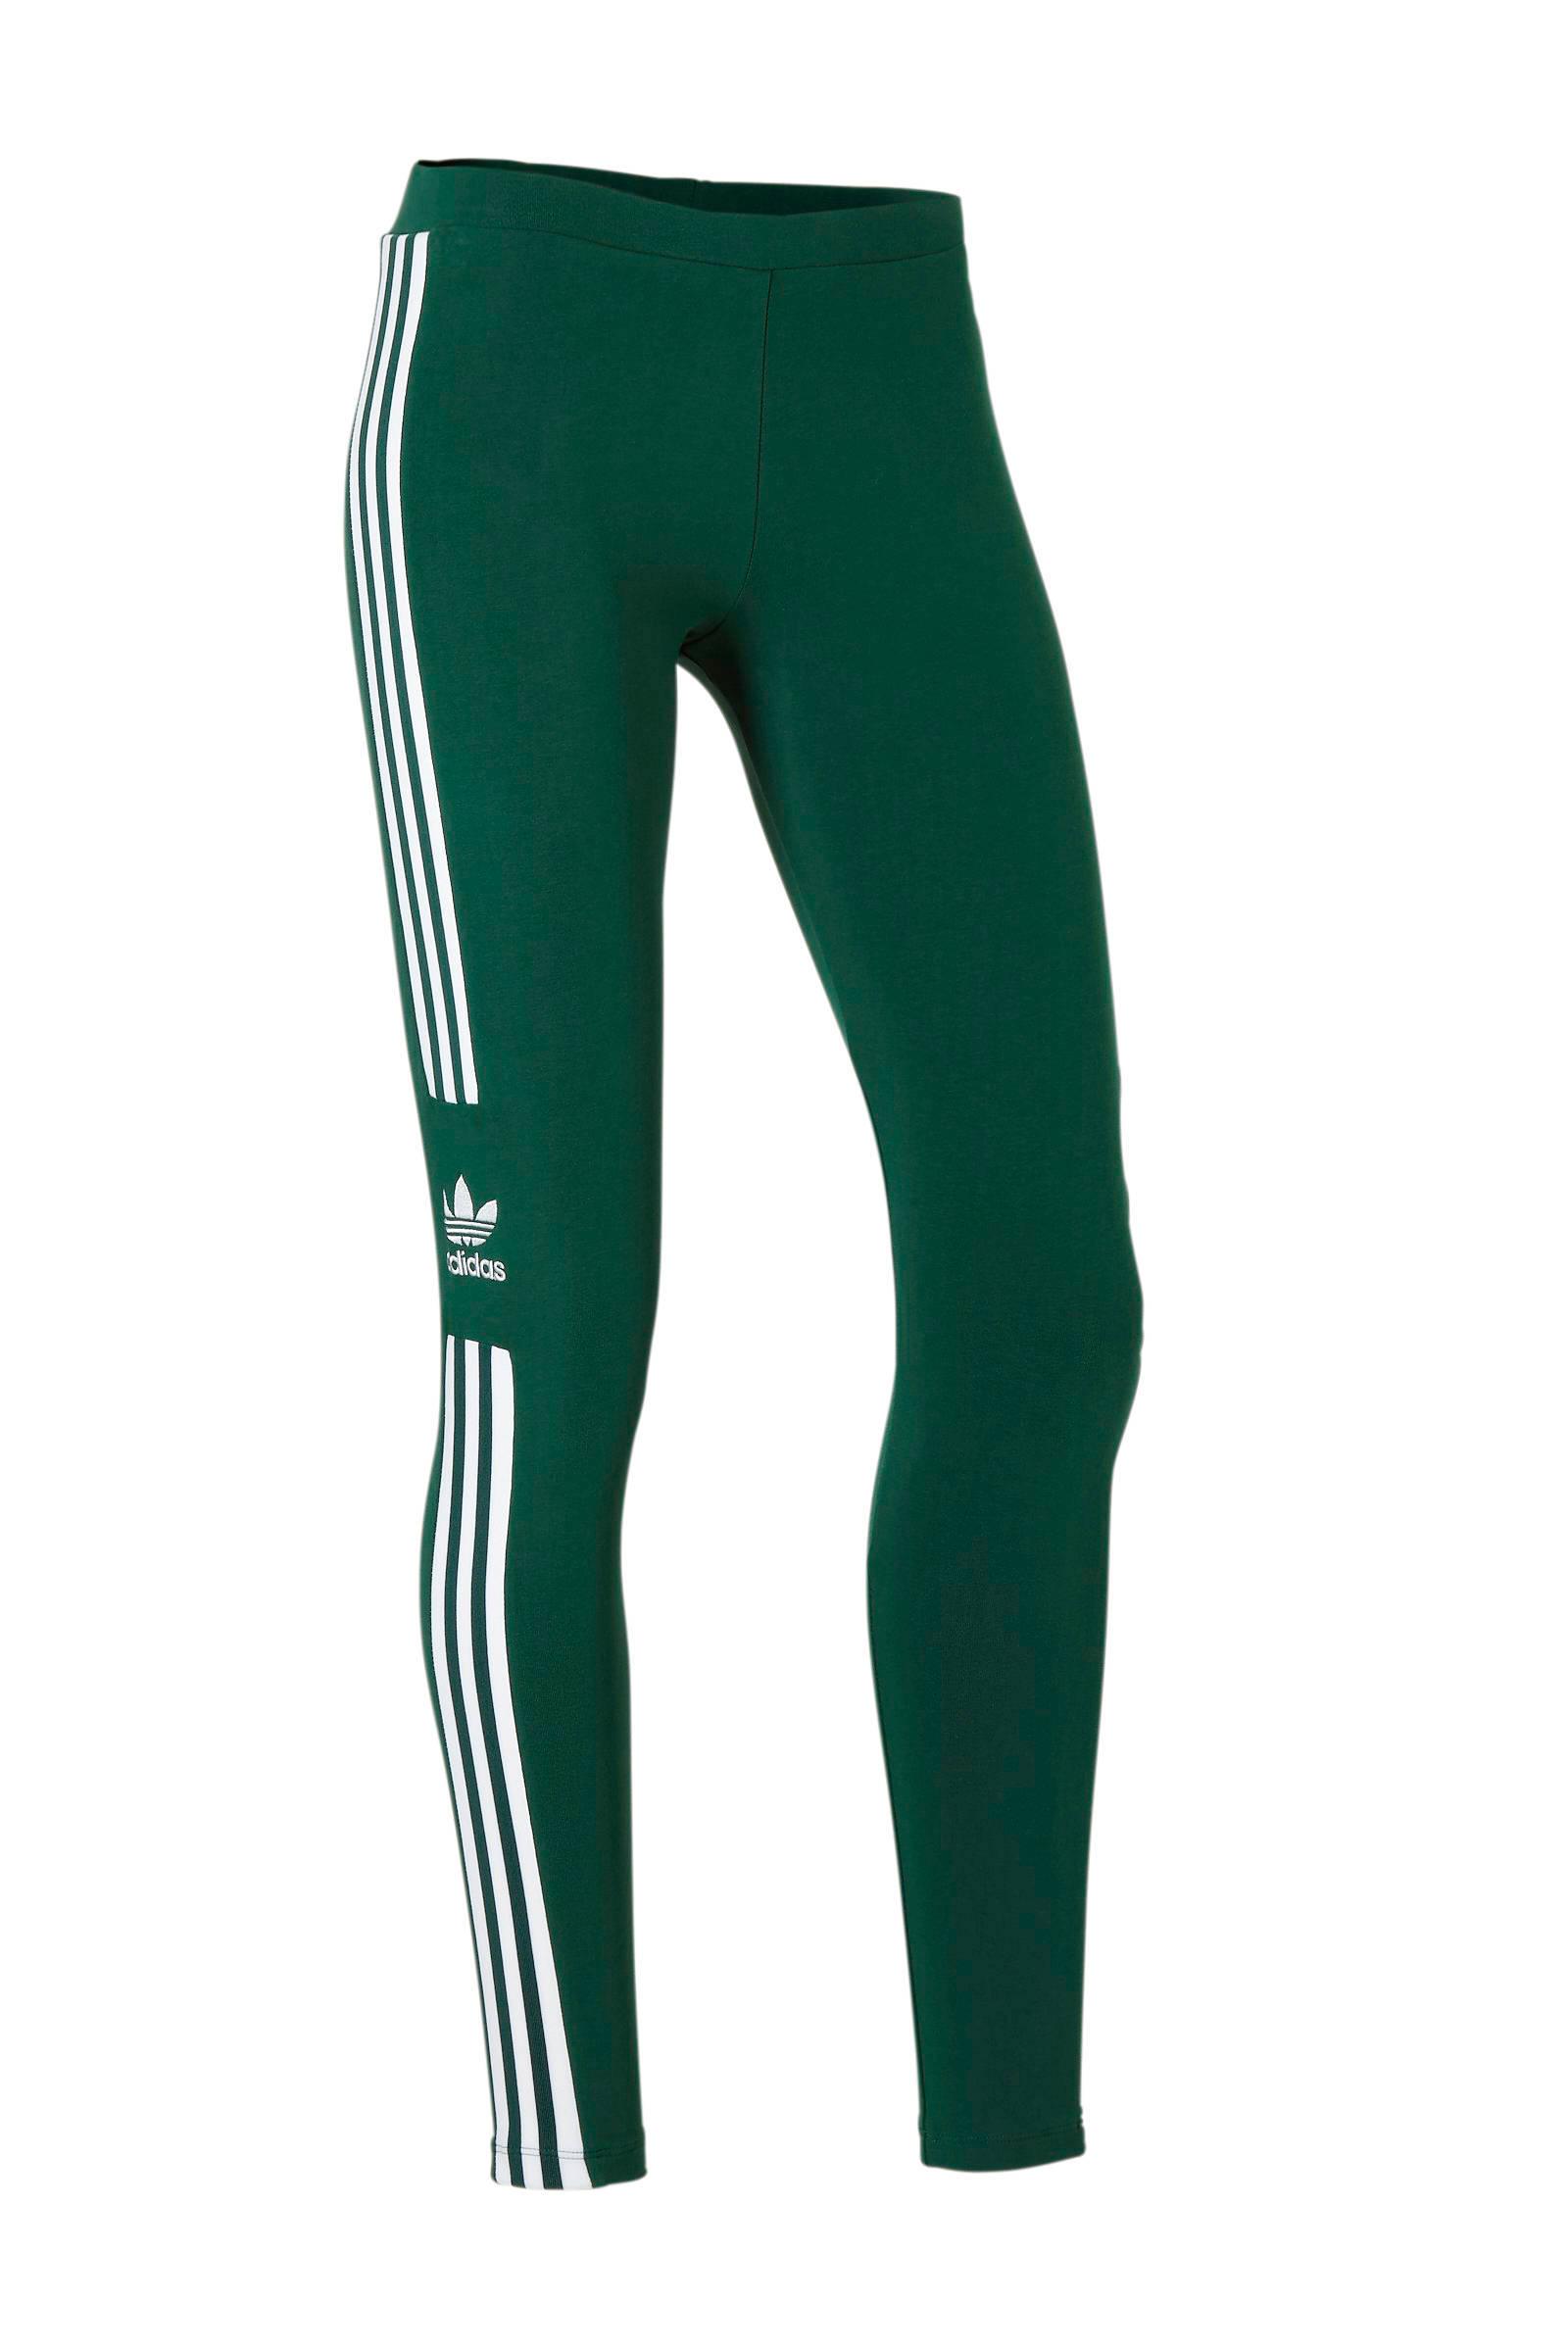 adidas legging vrouwen